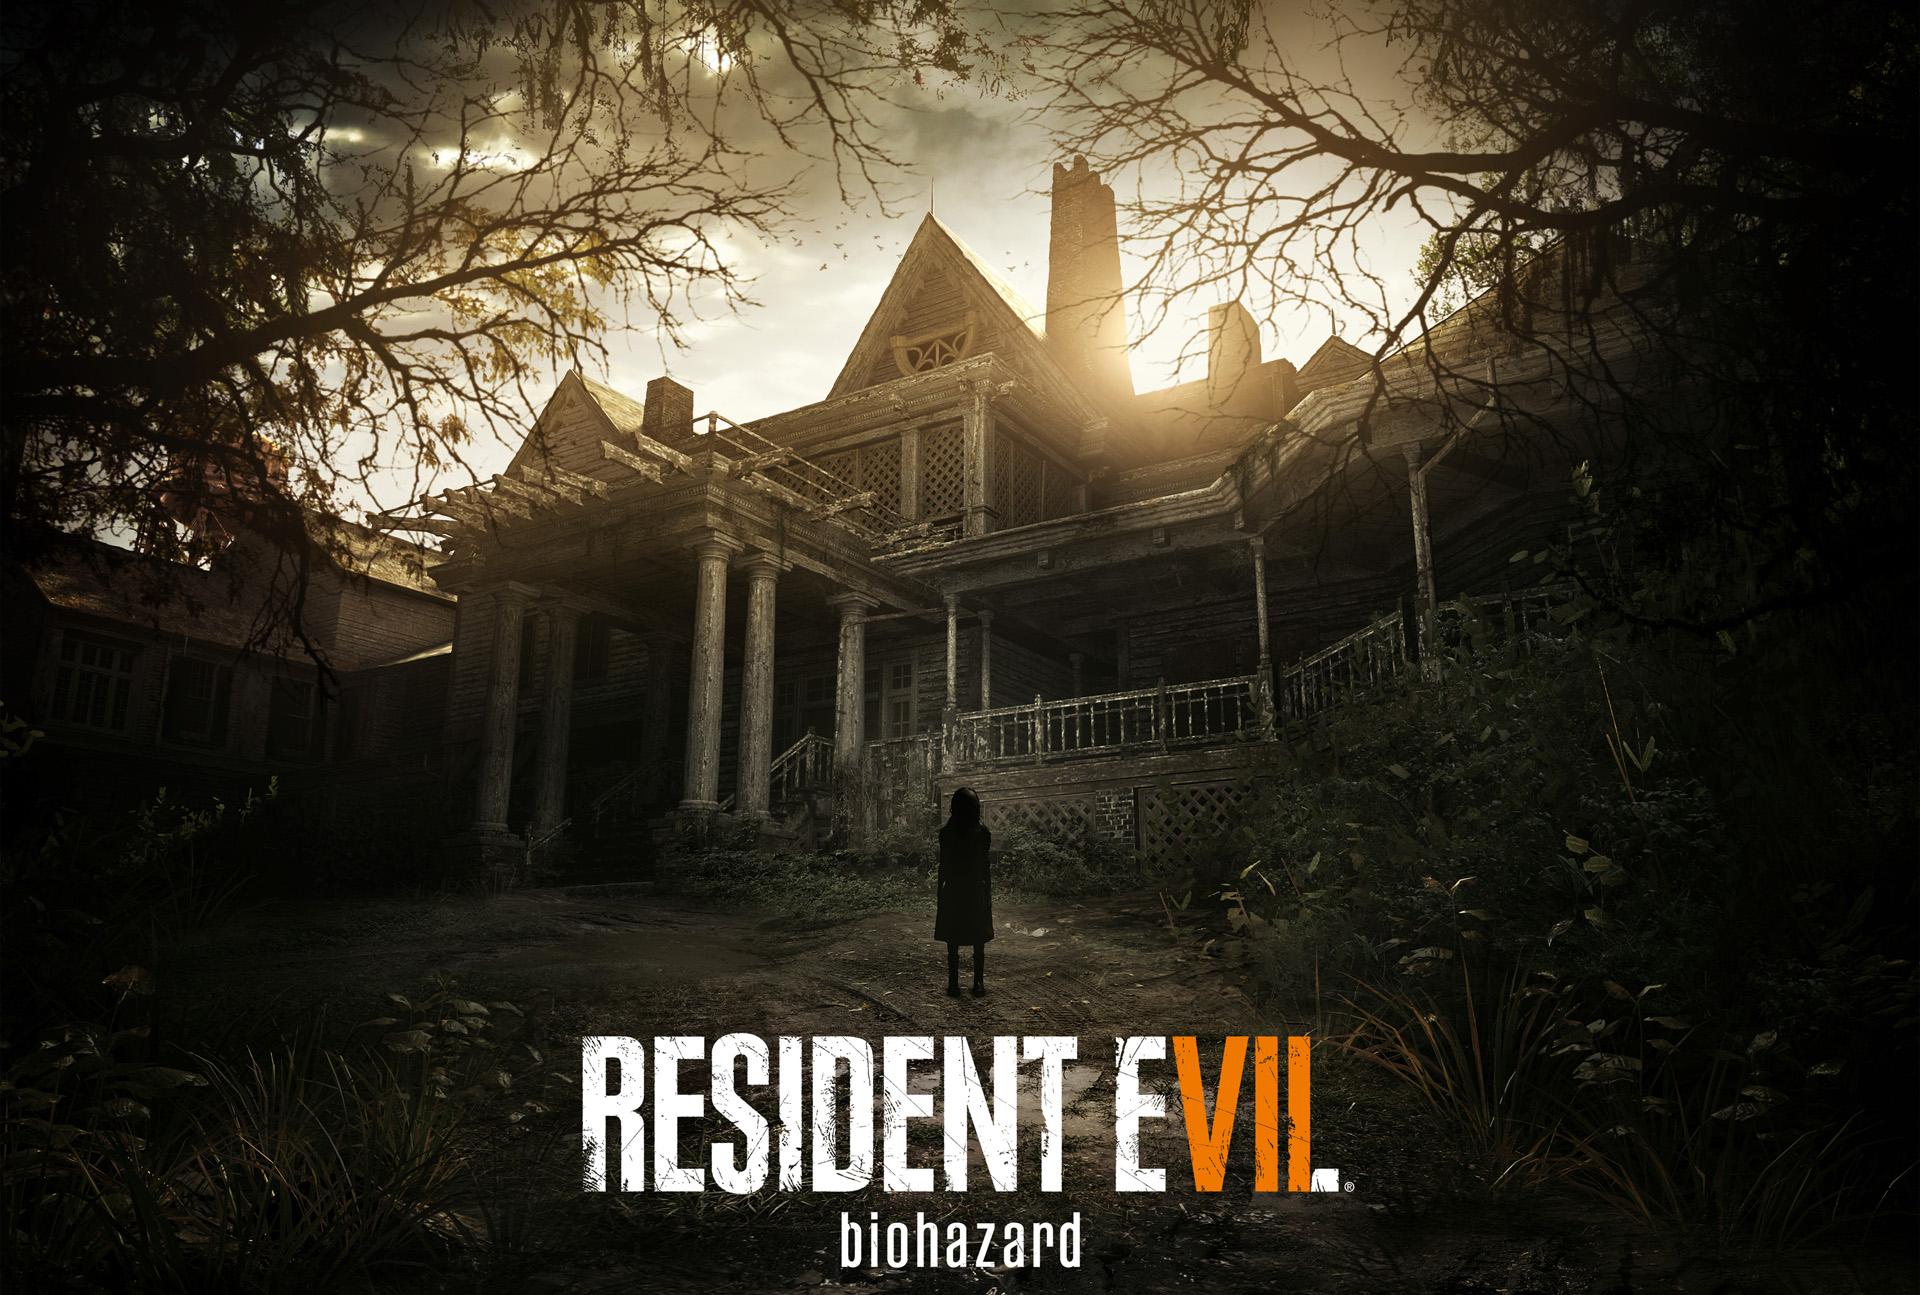 《Resident Evil 7》發售日公布 超驚嚇支援 PSVR